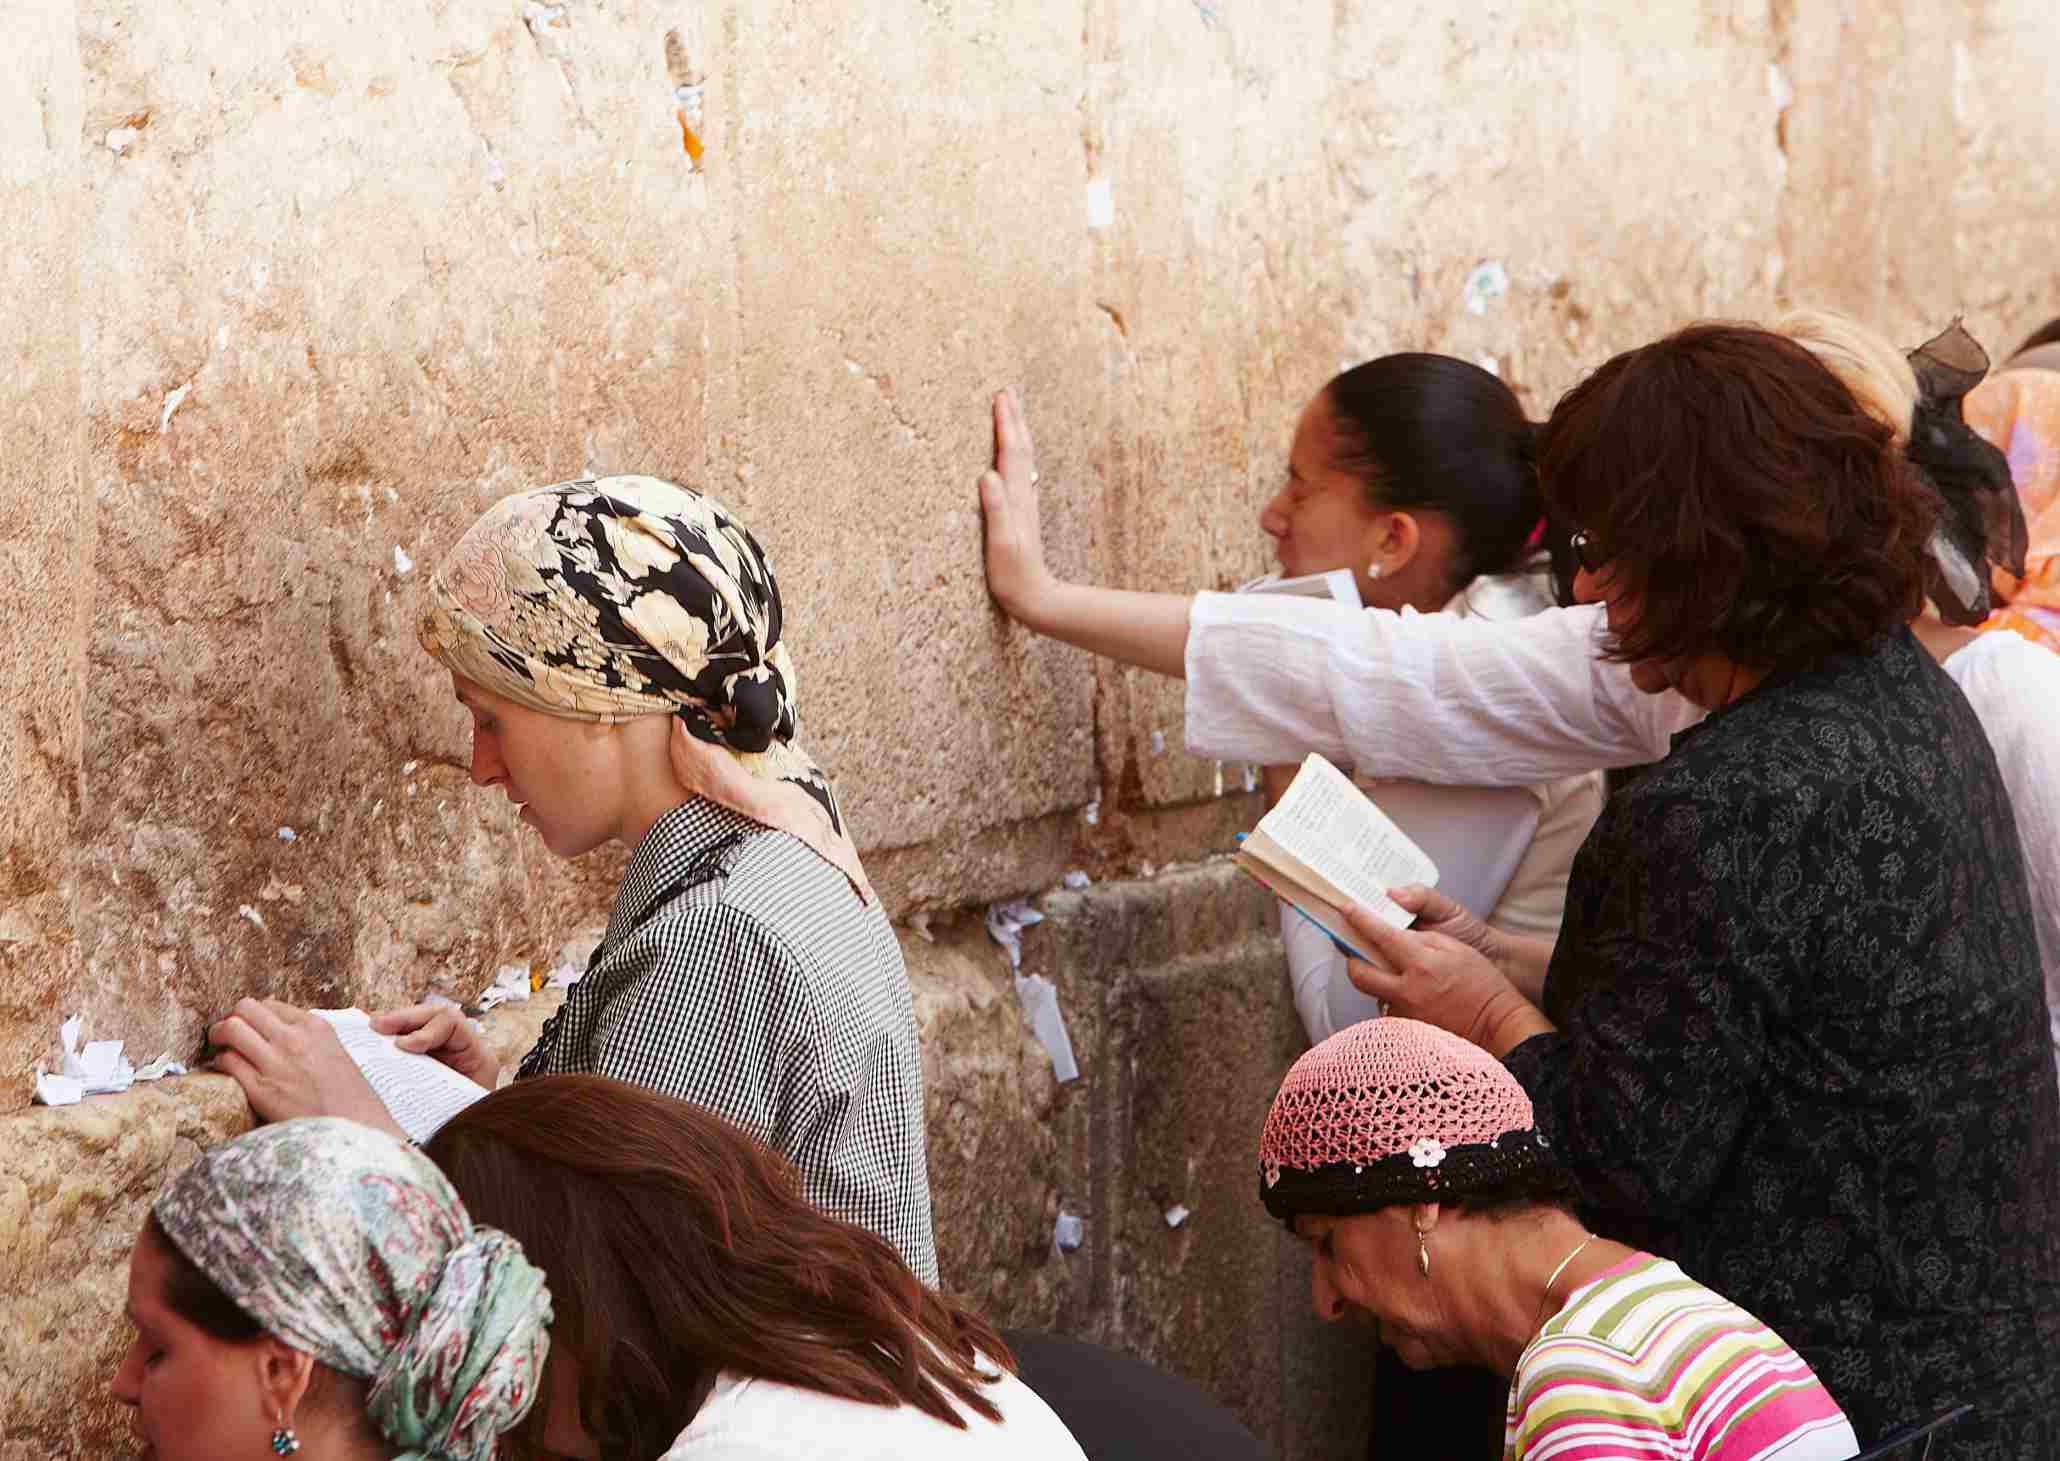 Jüdisches Analsex Judentum Thora, Mädchen wurde ficken offenes Foto